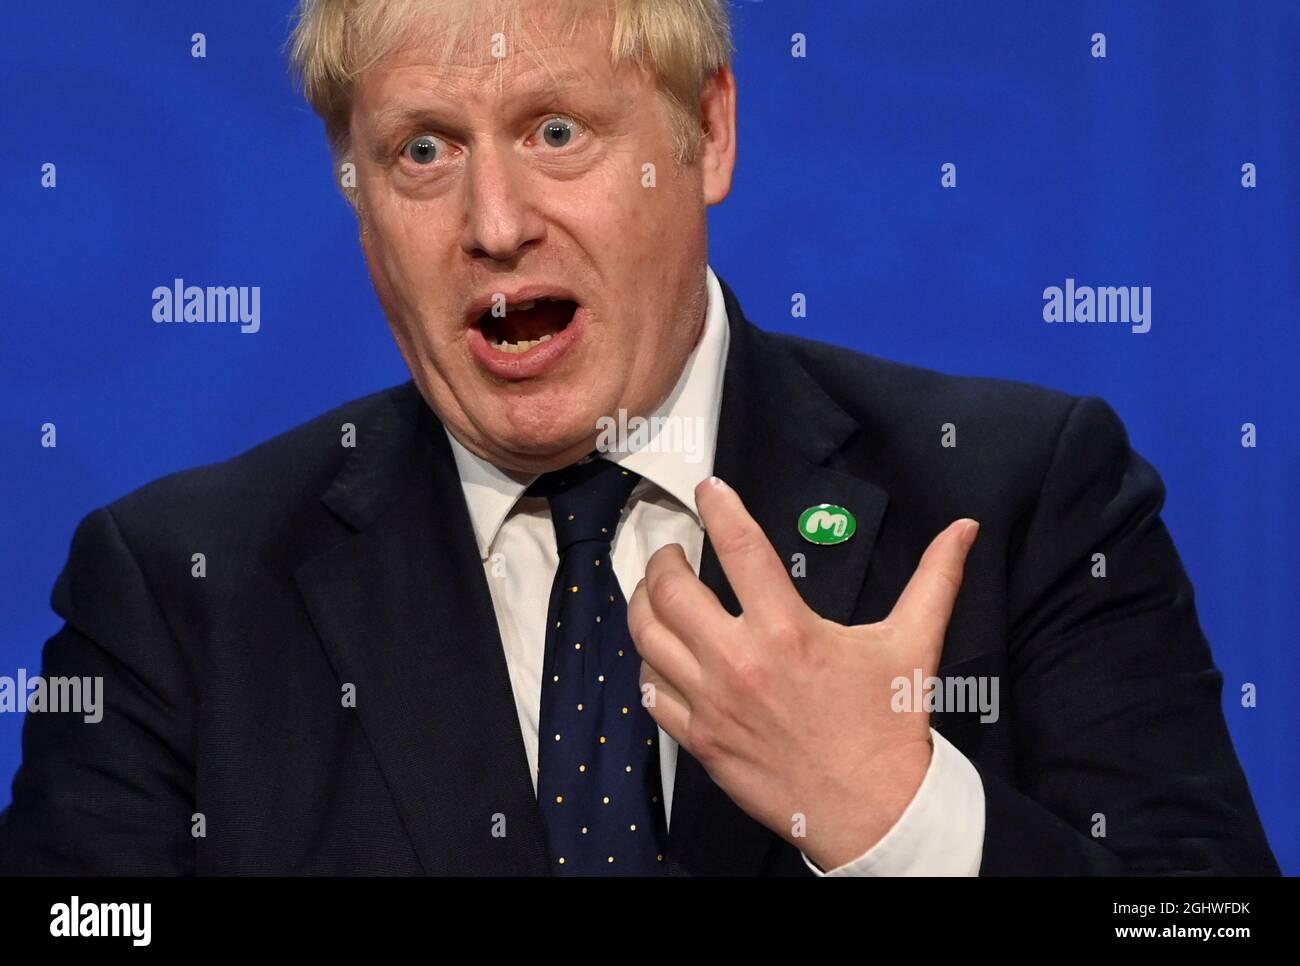 Il primo ministro Boris Johnson, durante un briefing mediatico a Downing Street, Londra, sul tanto atteso piano di riparazione del sistema di assistenza sociale rotto. Data foto: Martedì 7 settembre 2021. Foto Stock